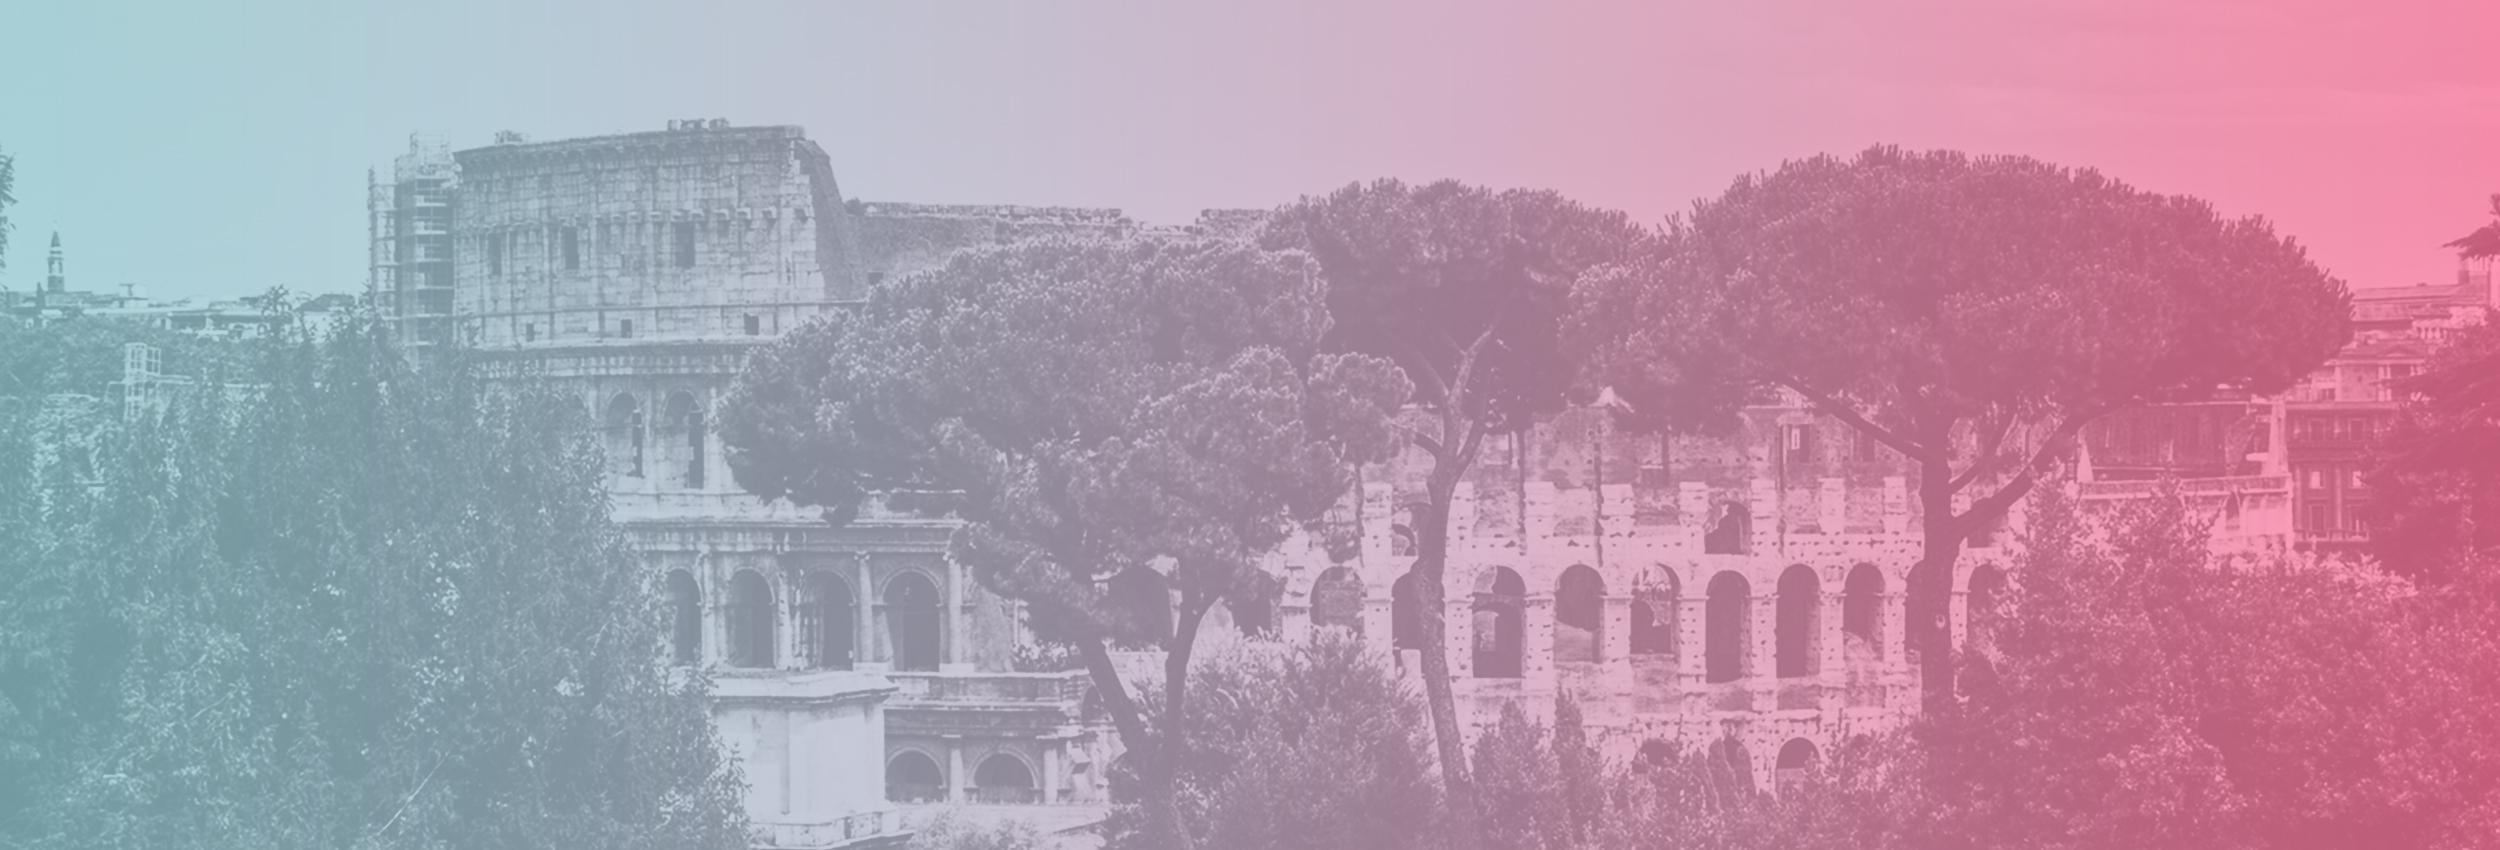 ТУРЫ по Италии Оплачиваем проезд: Как бюджетно путешествовать по Италии? 1